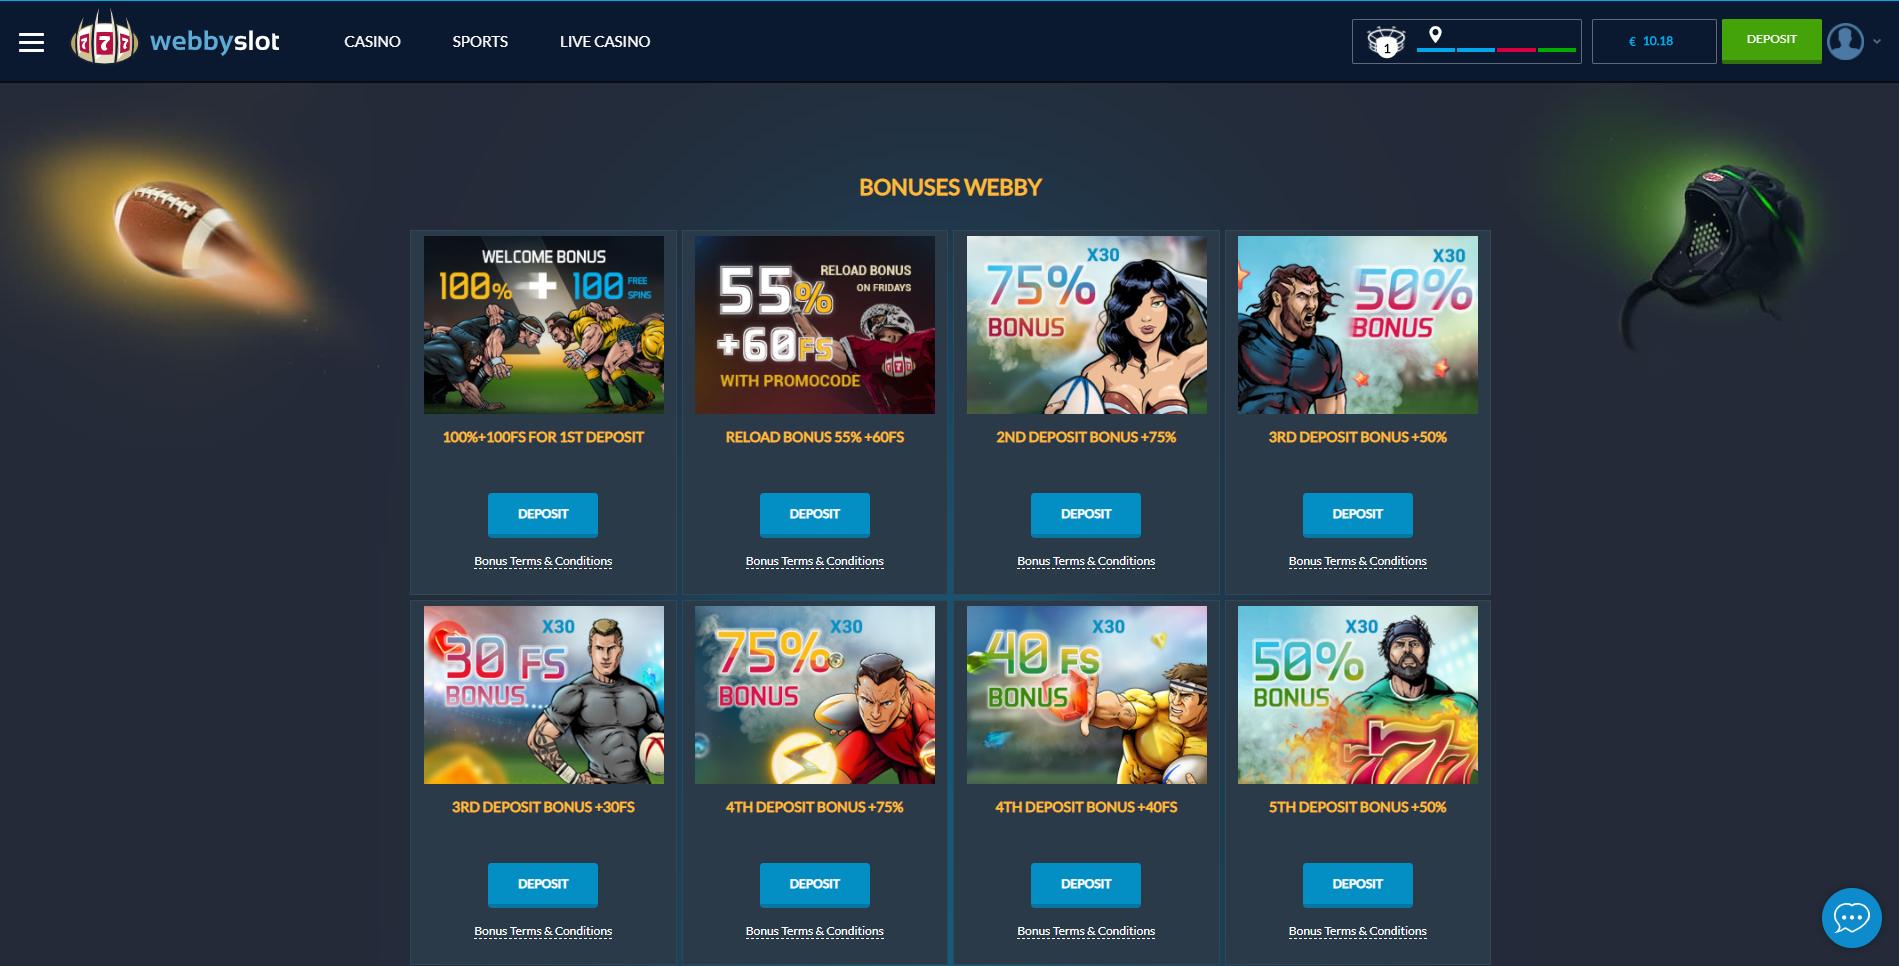 webbyslot casino bonus pasveikinimo premija kazino pasiūlymai nemokami sukimai 100€ 100% premija webbyslot bonus codes no deposit bonus